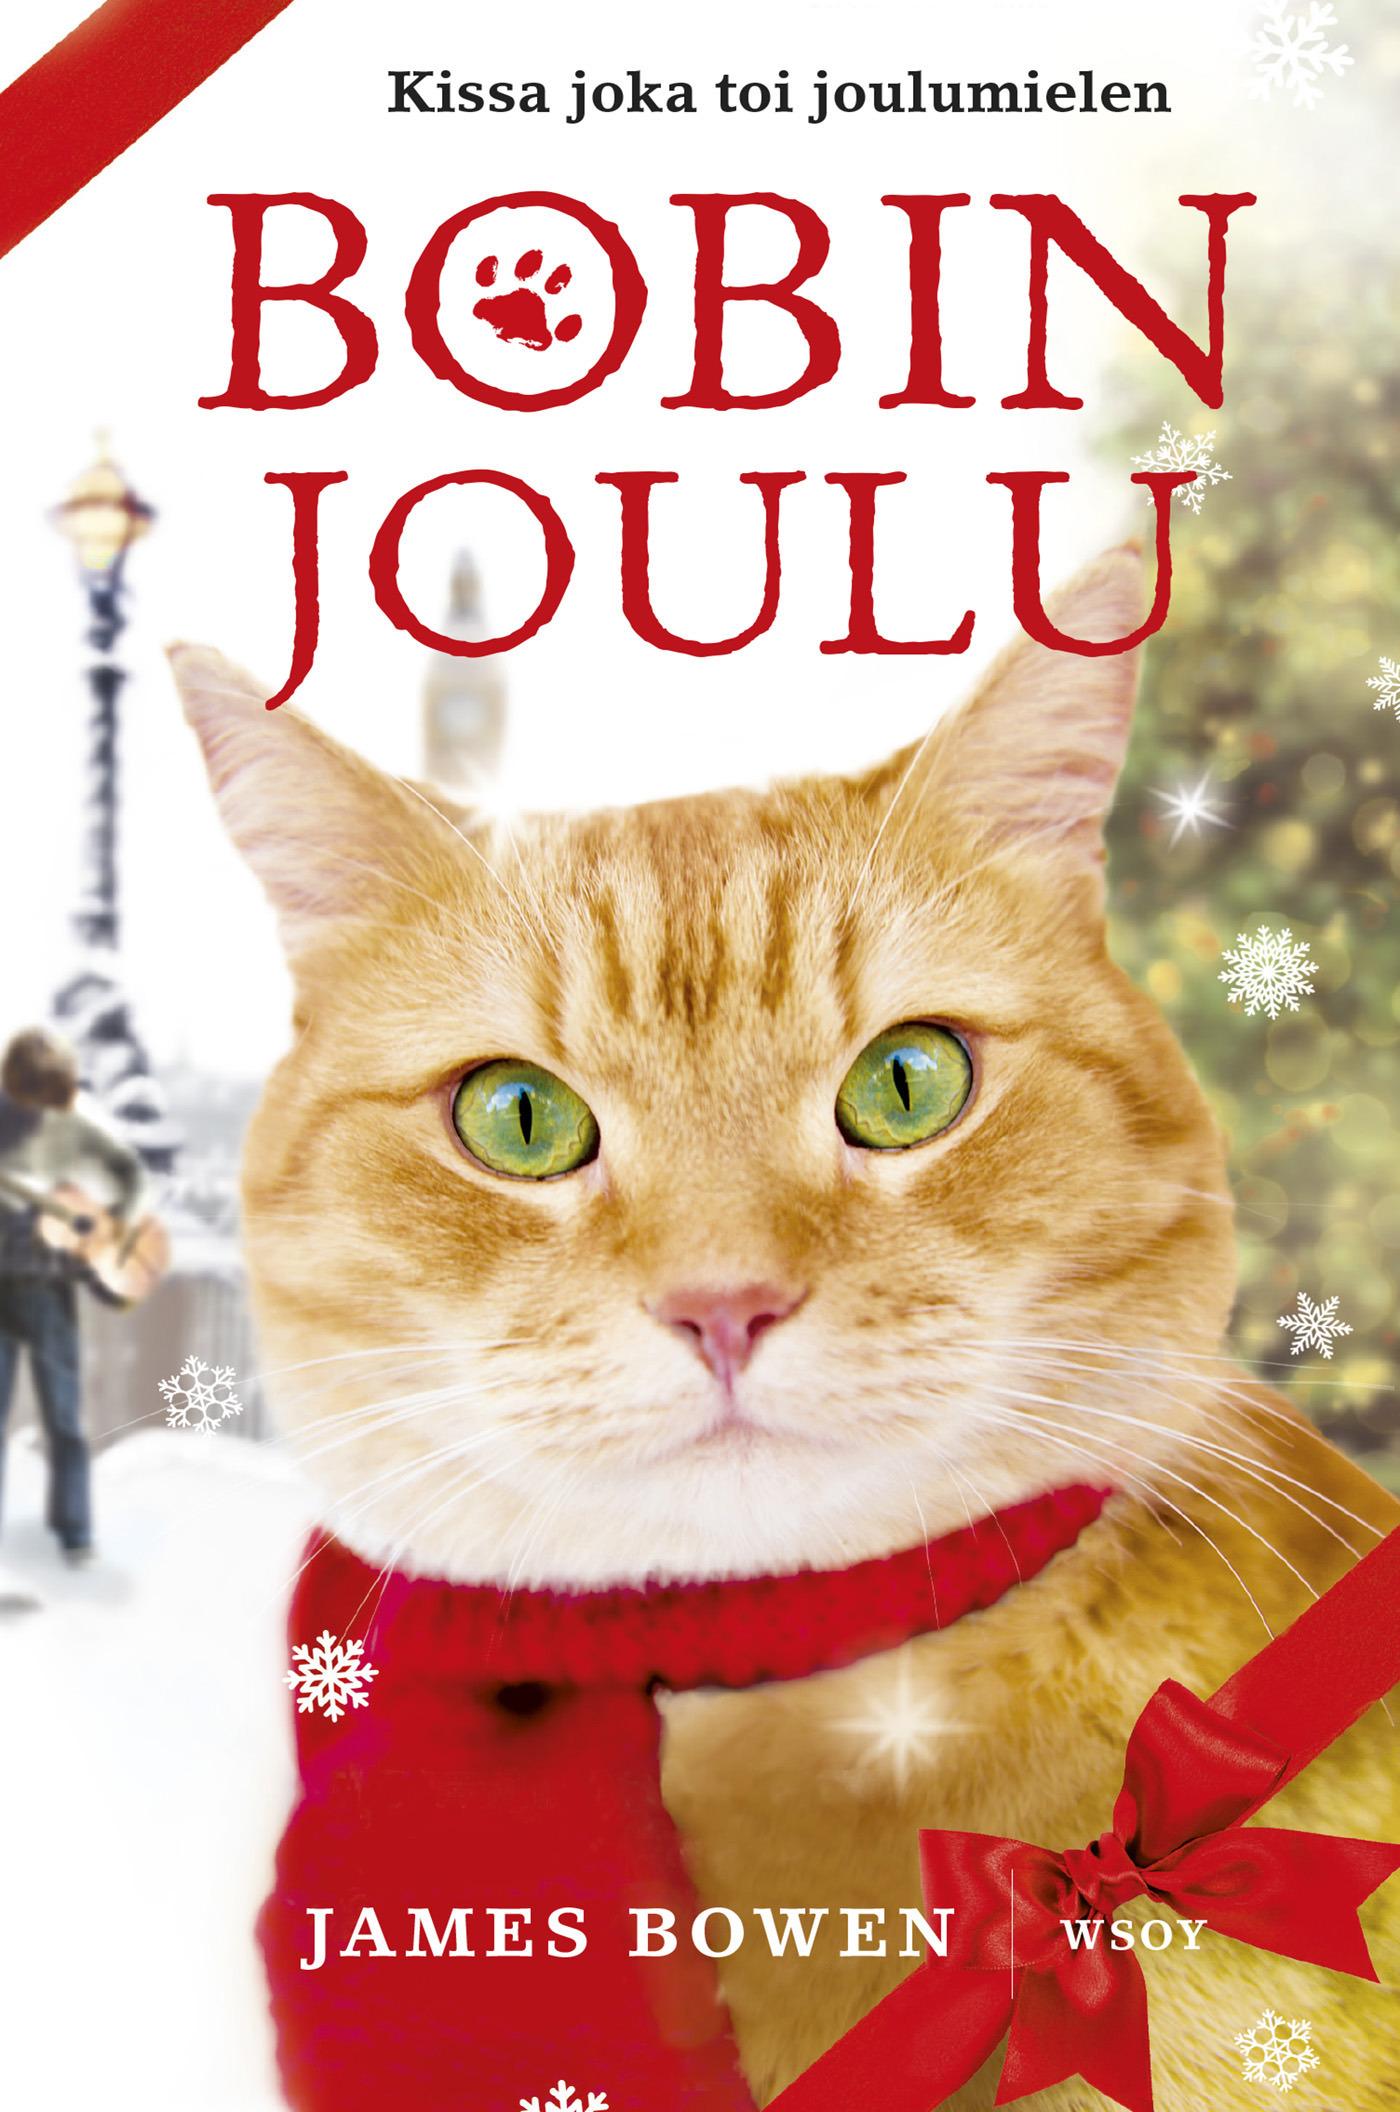 Bowen, James - Bobin joulu, e-kirja